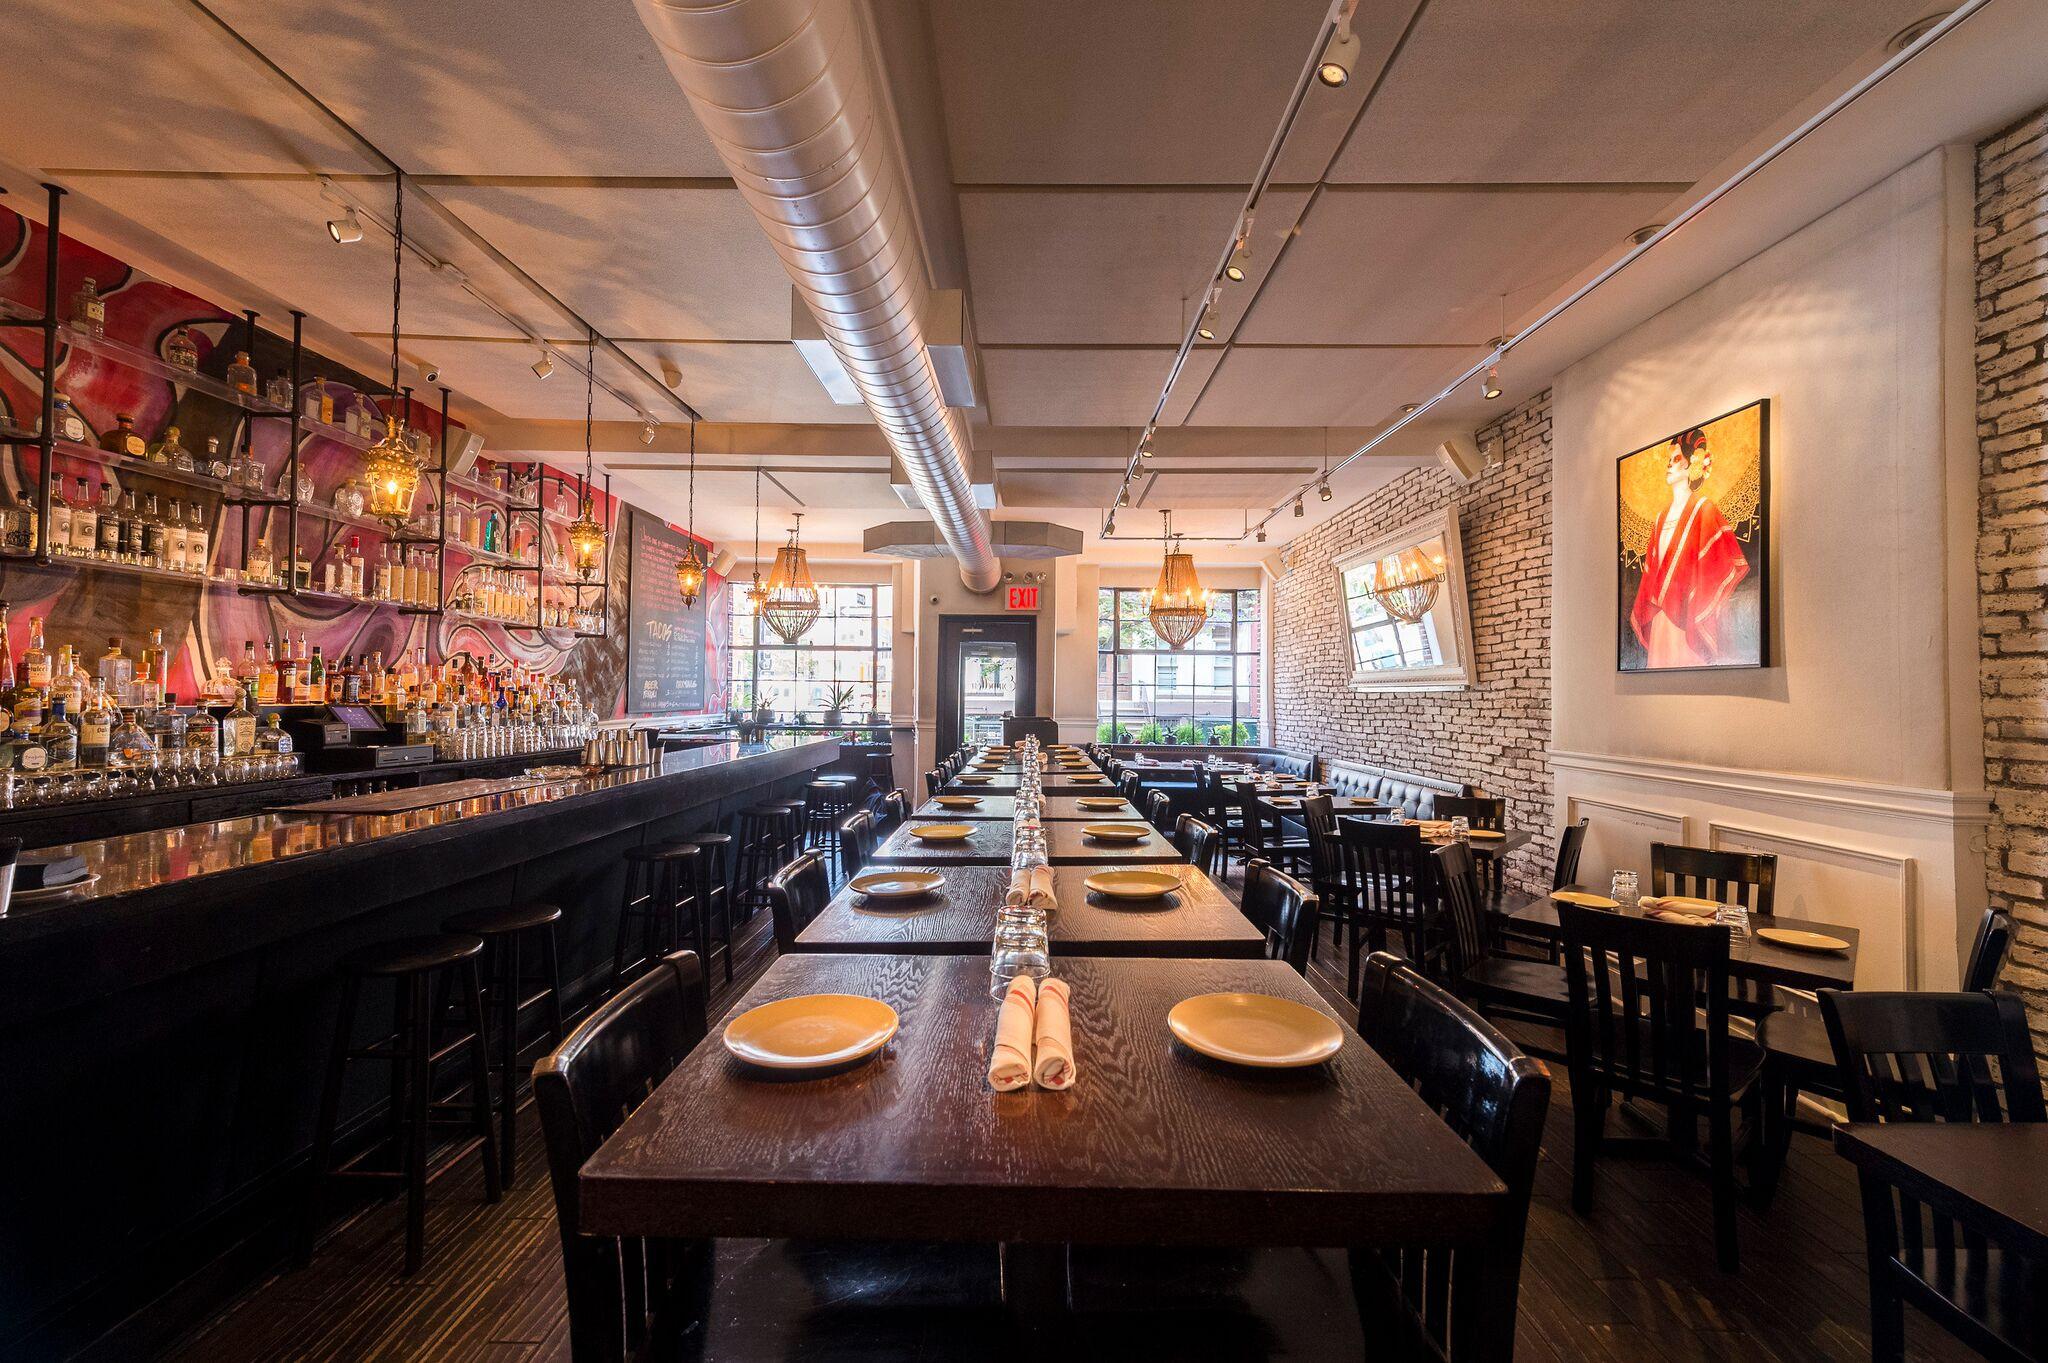 Birthday Dinner Restaurants  Excellent Nyc Restaurants For Your Birthday Dinner New